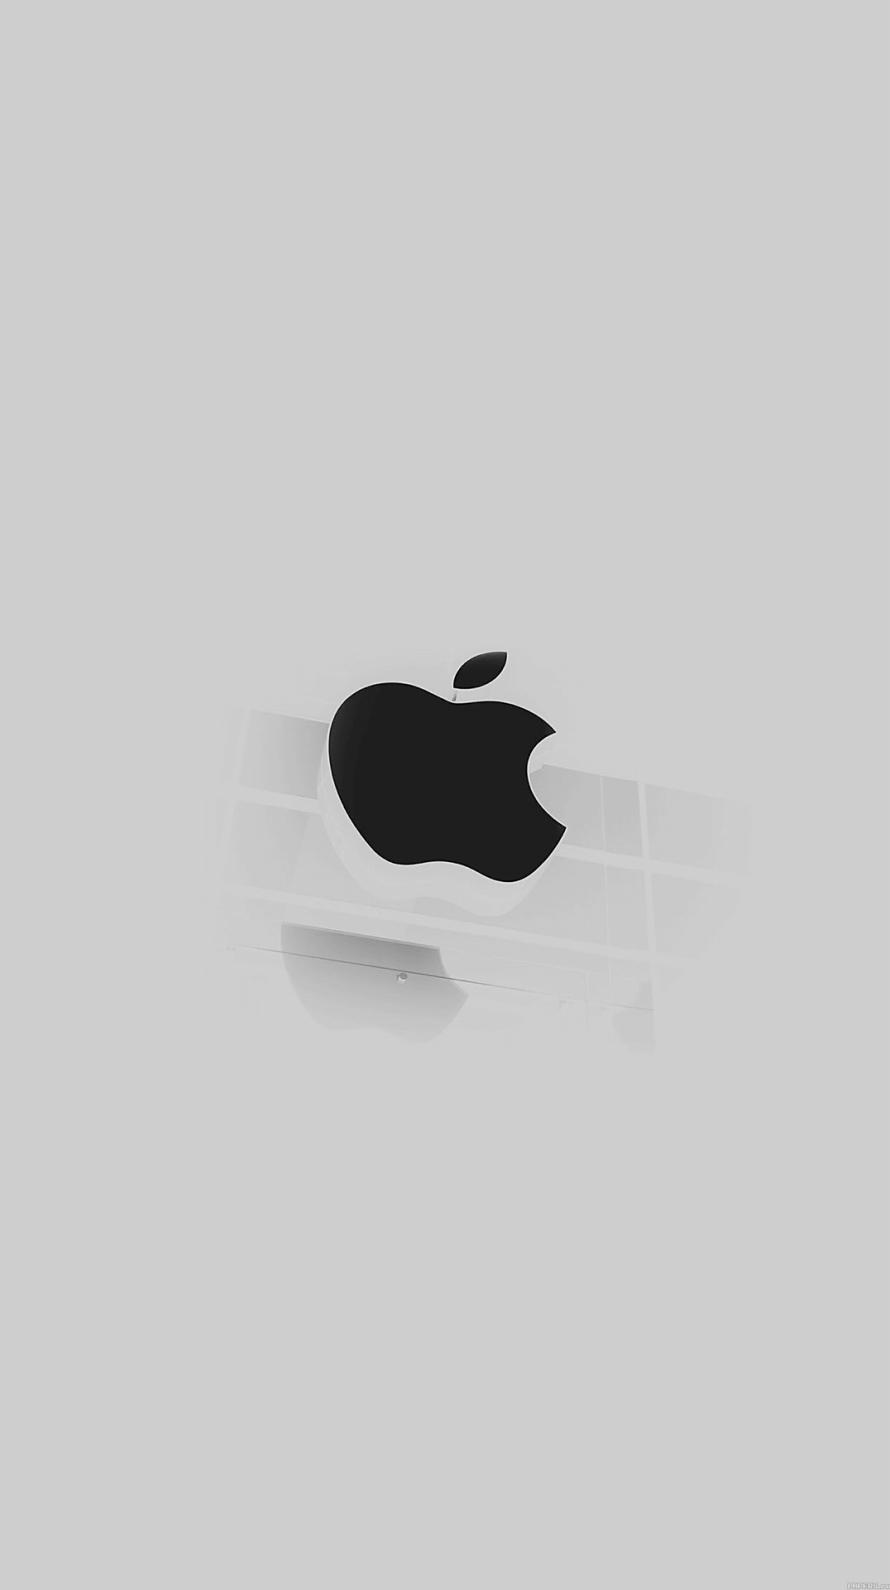 フラット アップルロゴ iPhone6壁紙